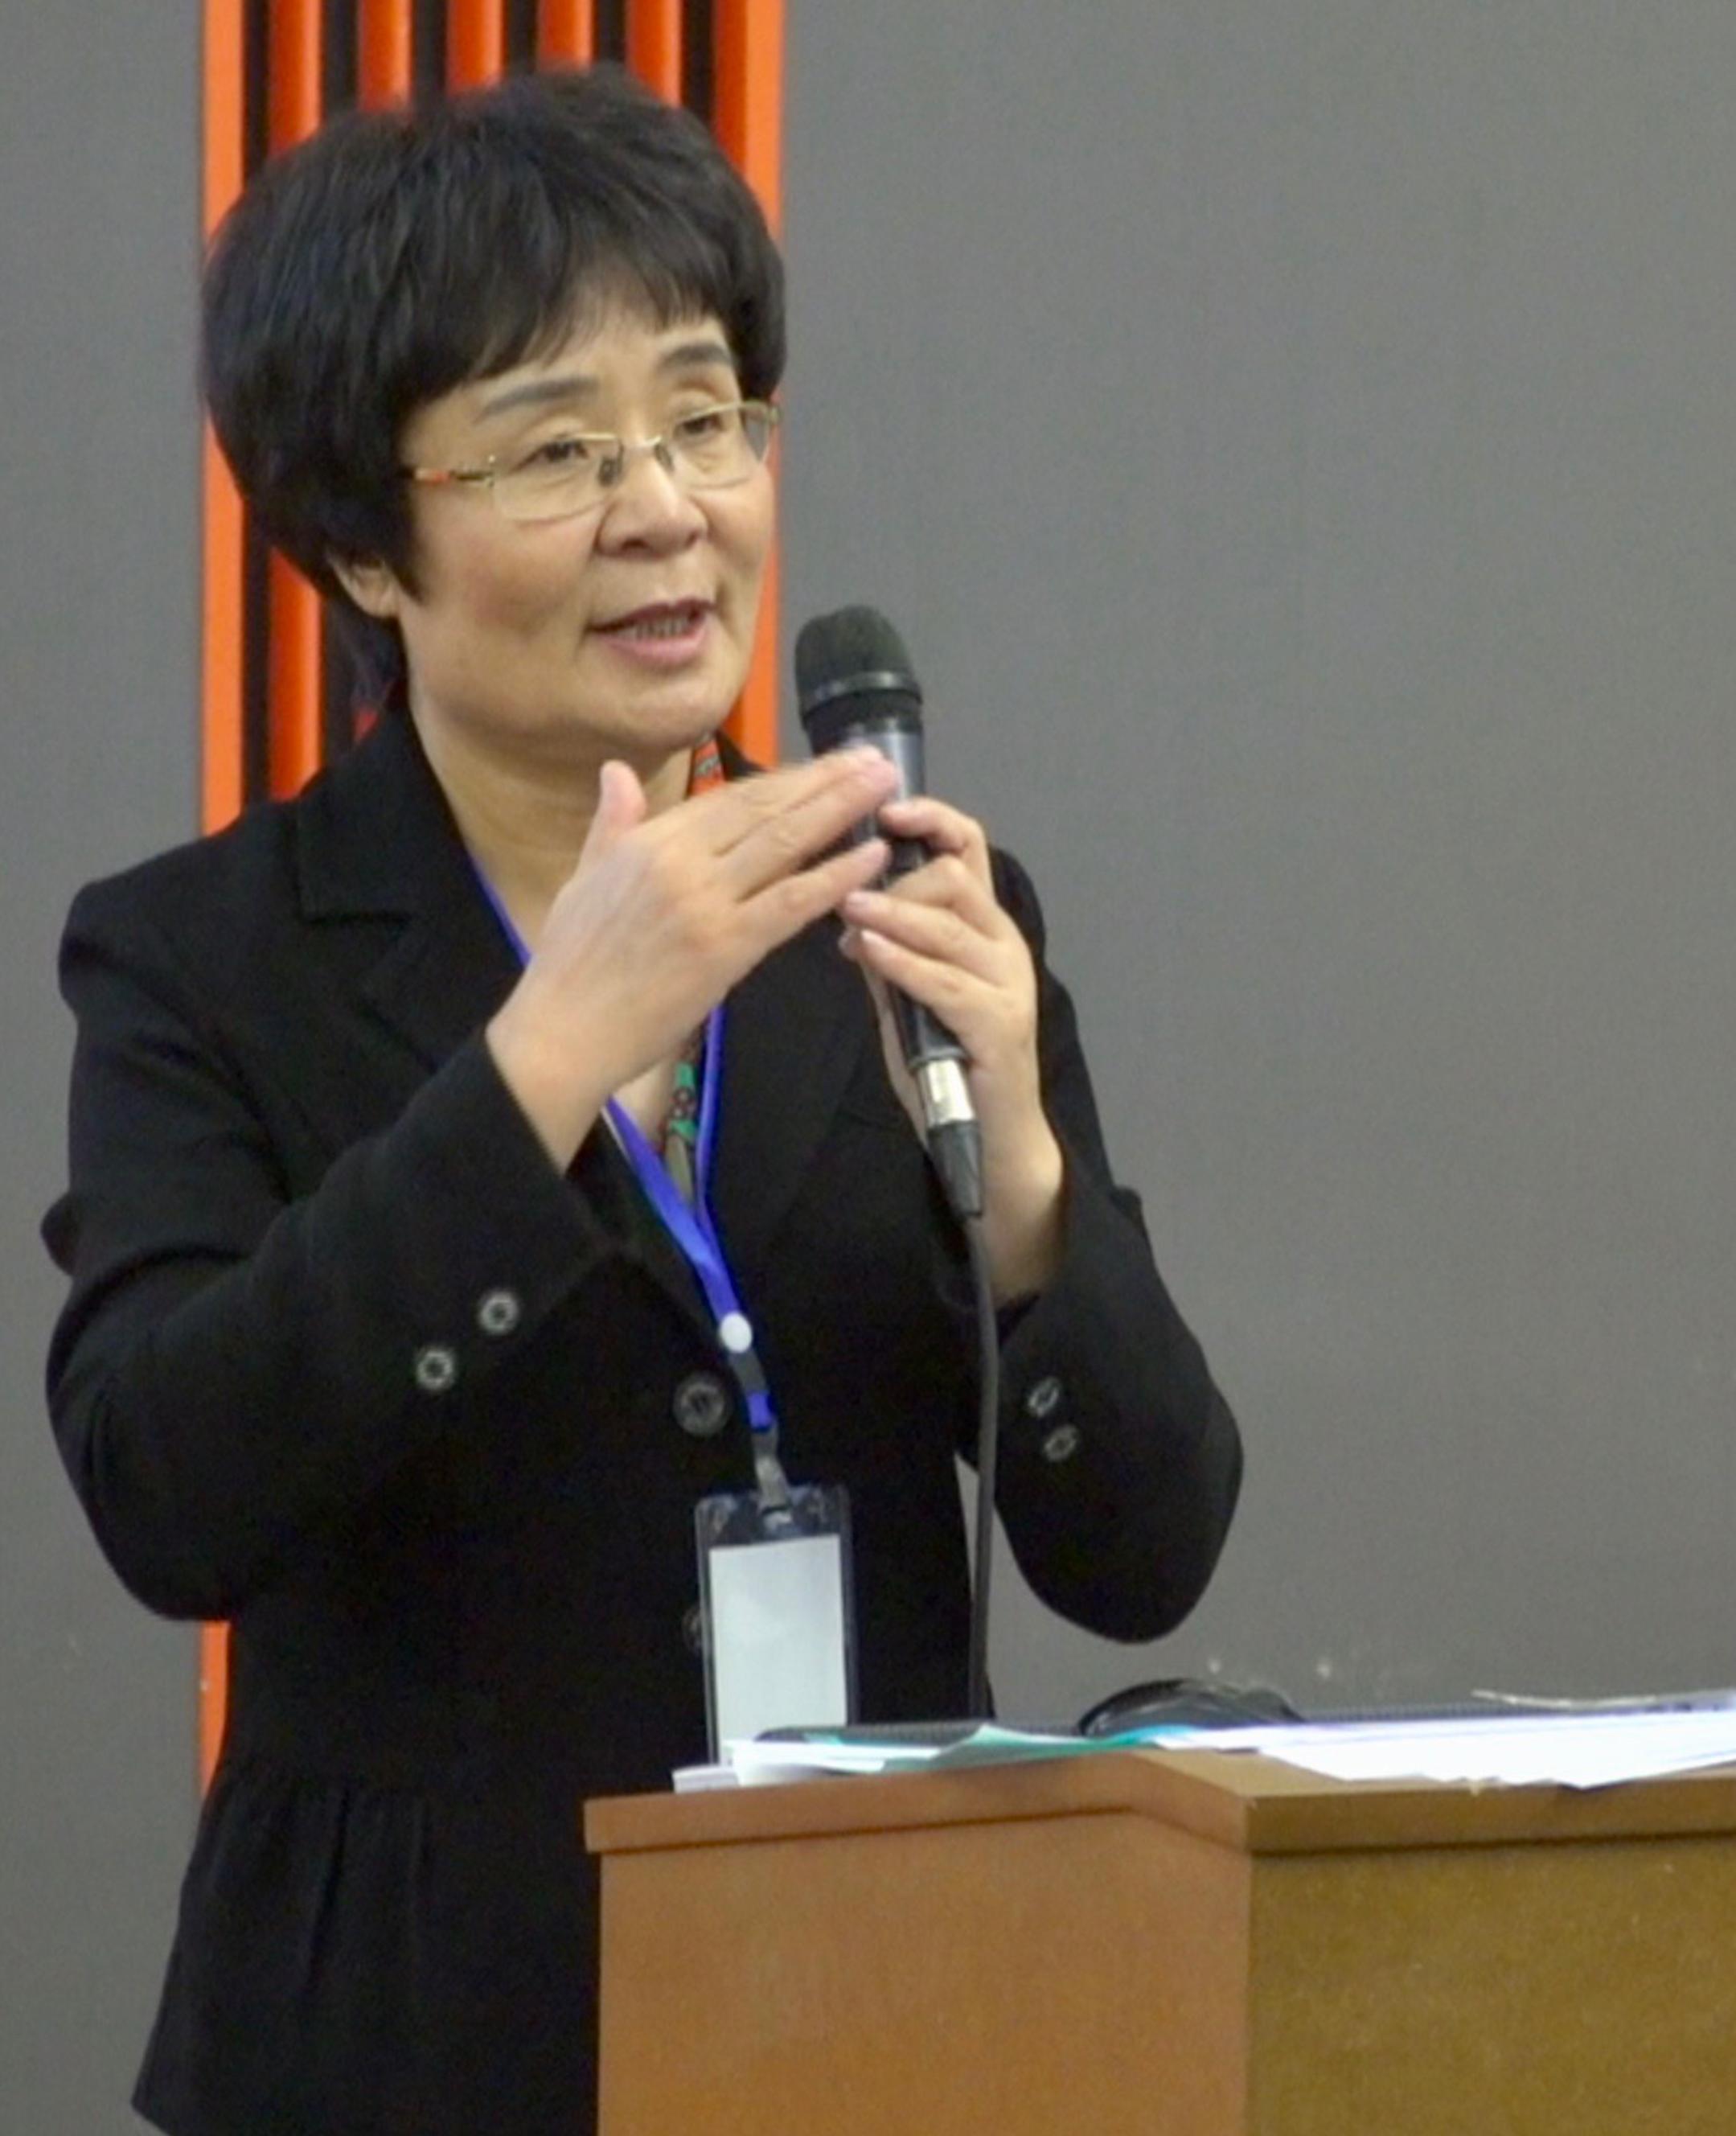 Mme Liu - 2e colloque de recherches scientifiques sur le Qigong pour la Santé